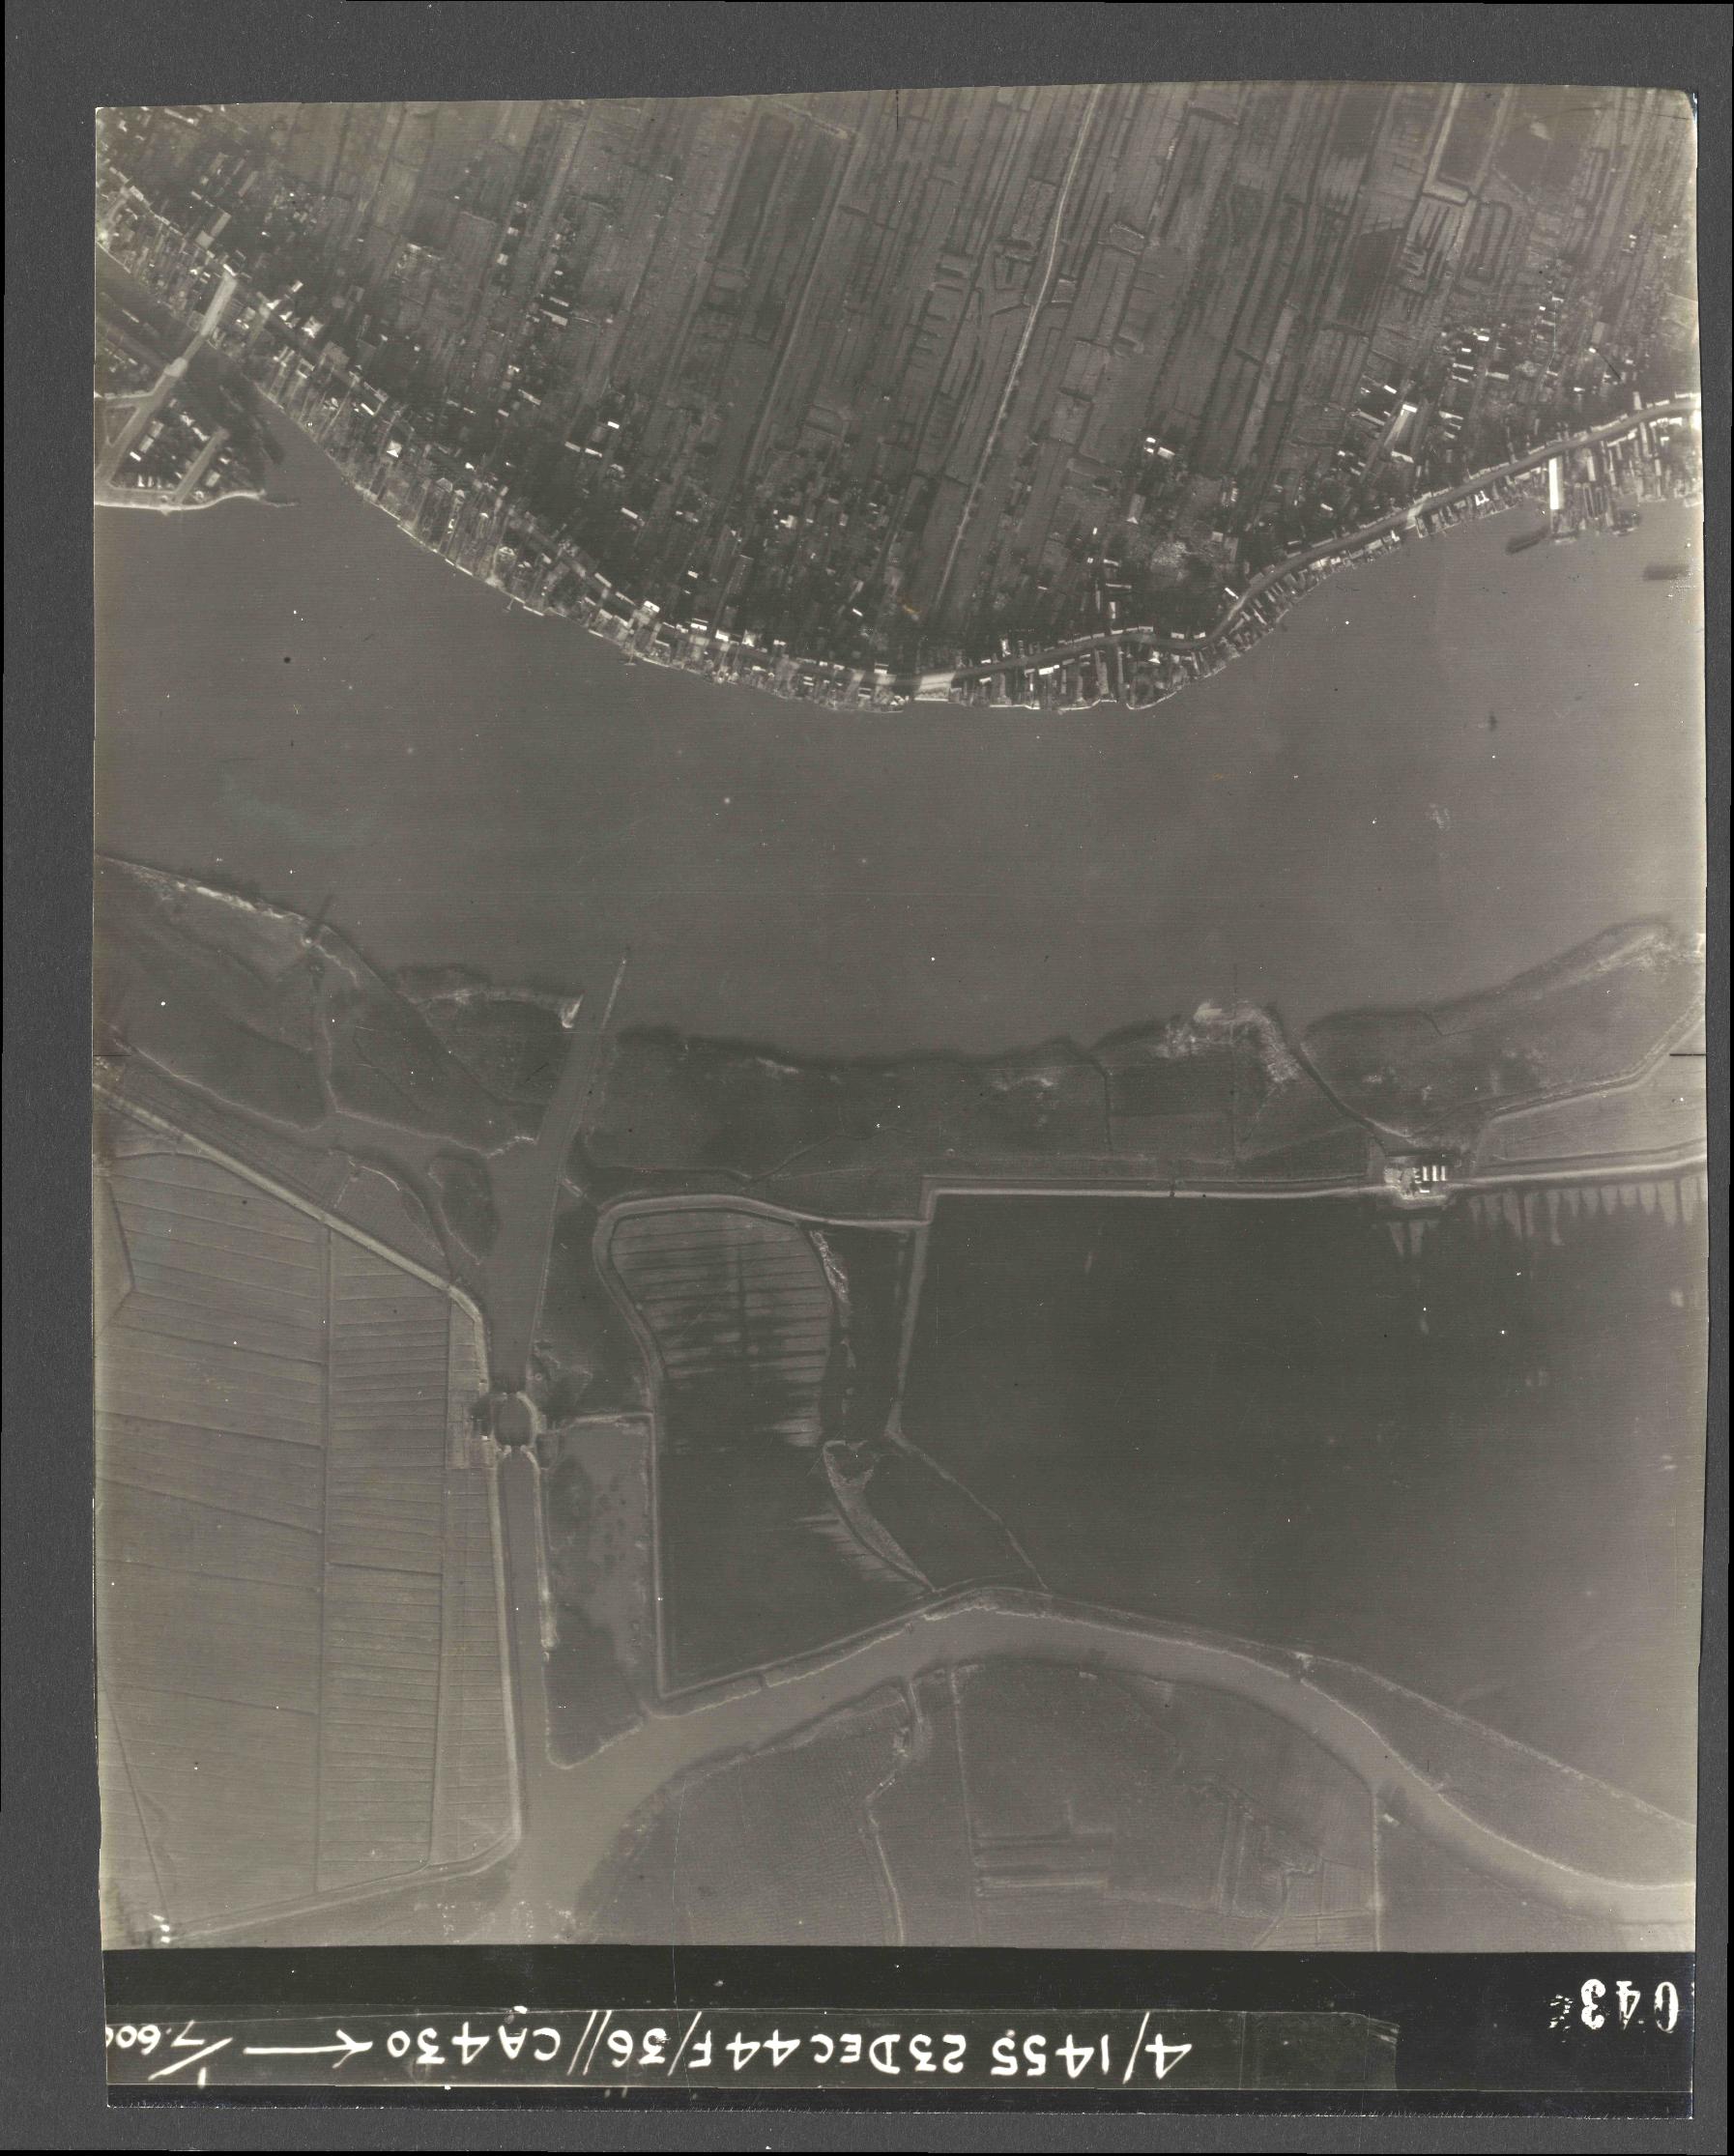 Collection RAF aerial photos 1940-1945 - flight 051, run 08, photo 4043